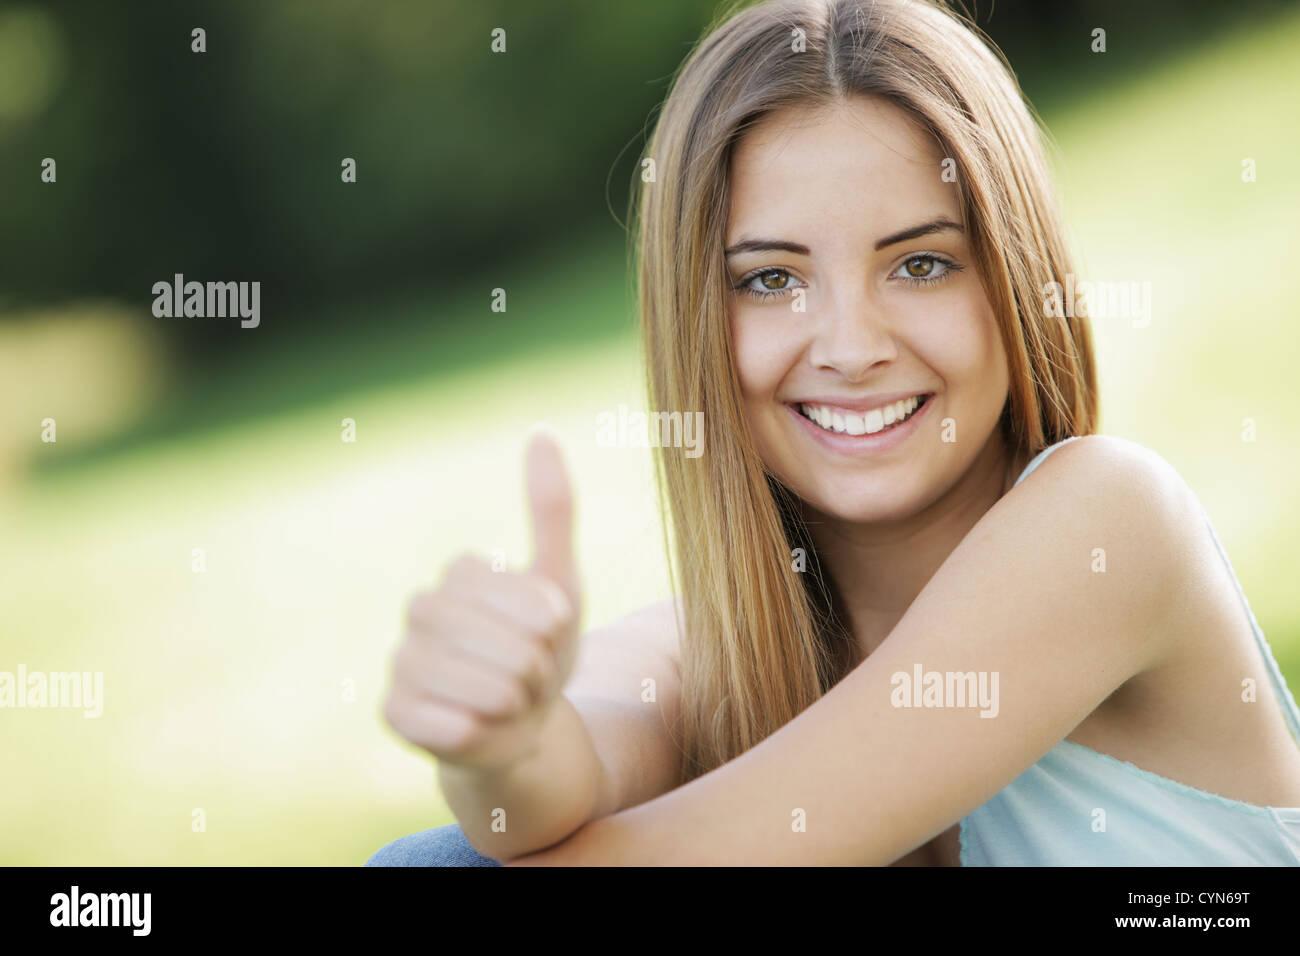 Hermosa joven mostrando pulgar arriba firmar Imagen De Stock